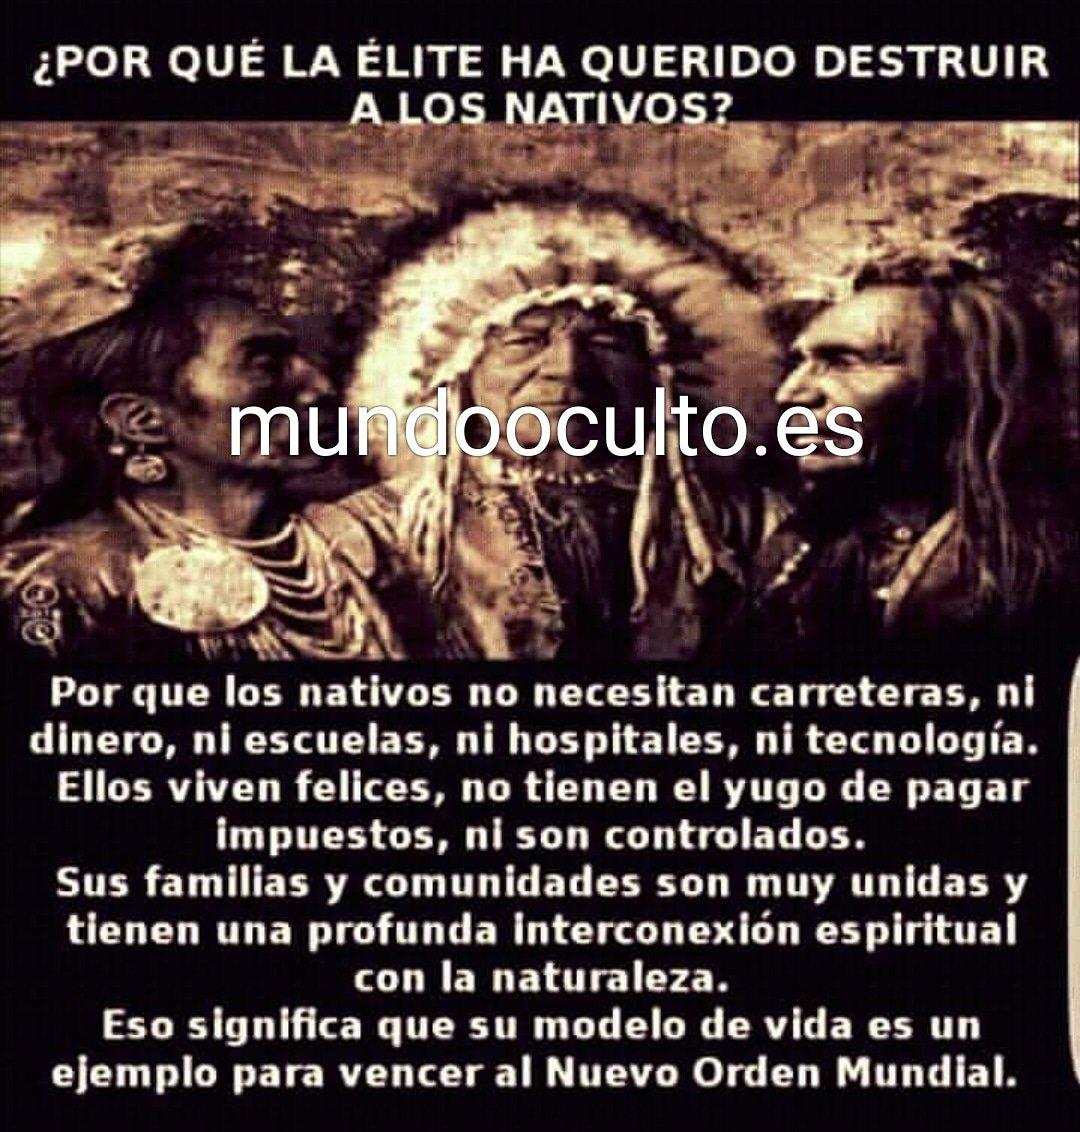 Porque la elite no quiere a los nativos?